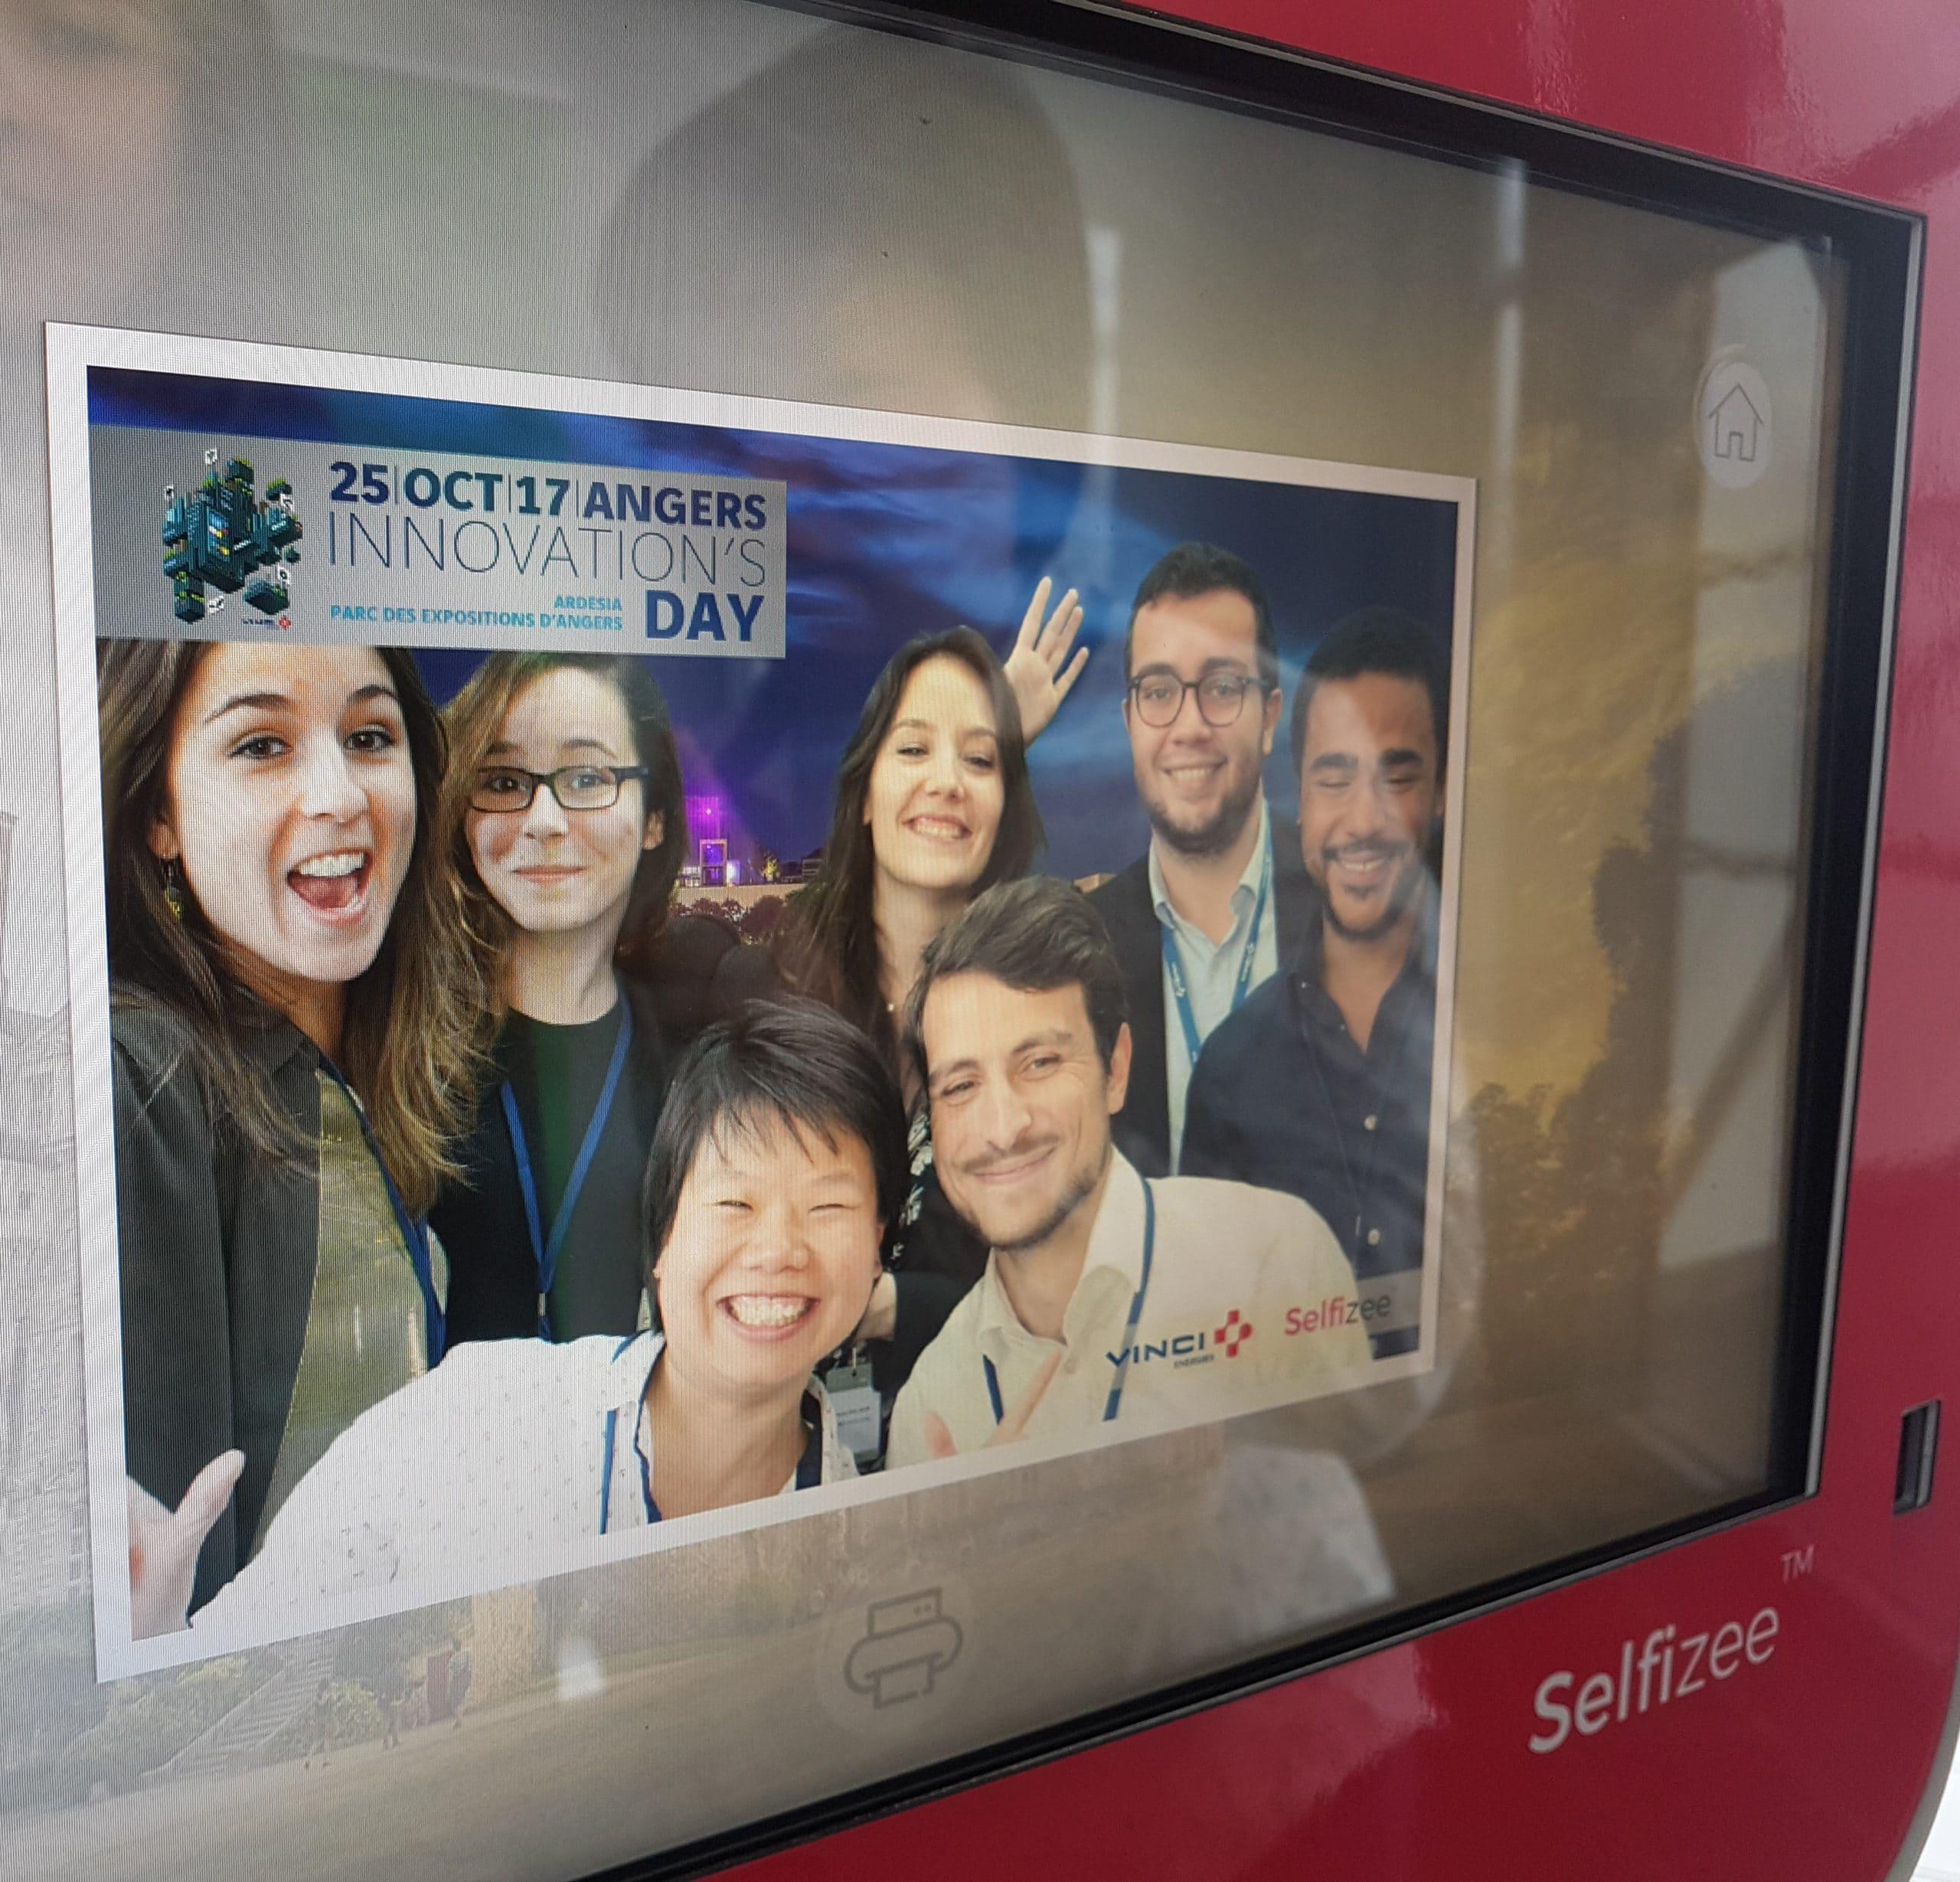 Animation box photo et fond vert avec impression selfie instantanée au salon Innovation's Day à Angers